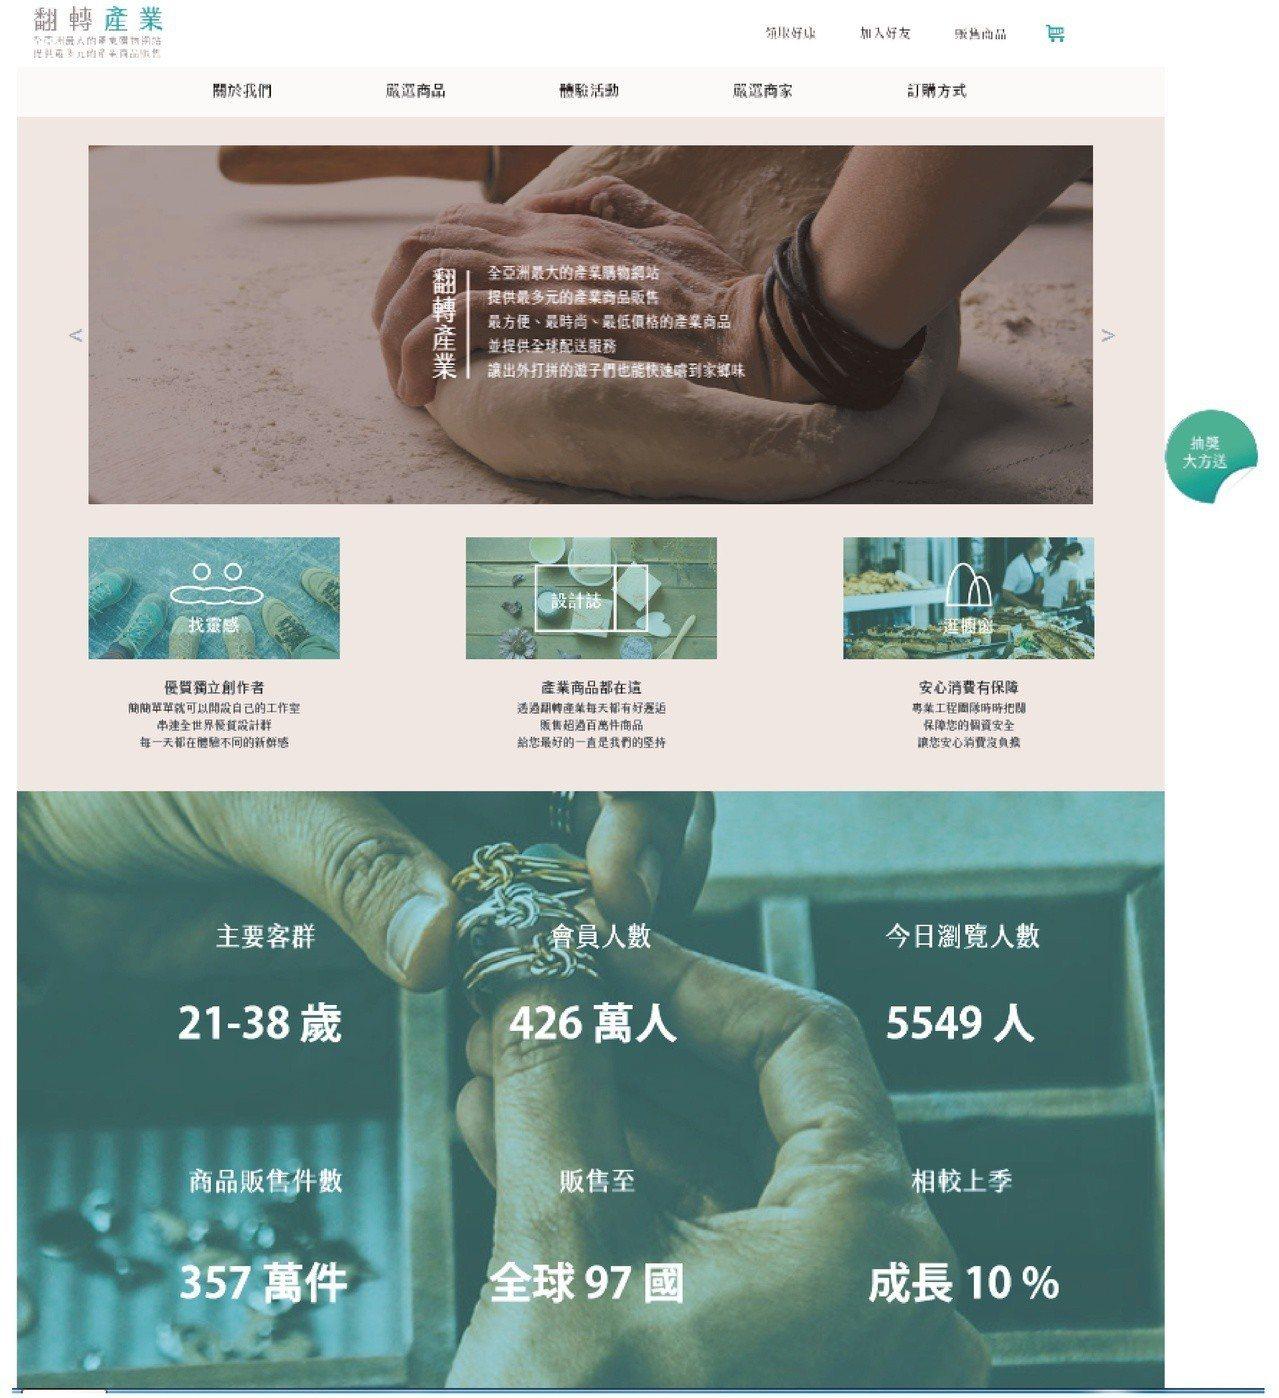 陳怡琳作品除了網頁技術應用與互動性表現優異,主題契合度與視覺的創意表現更為吸睛,...